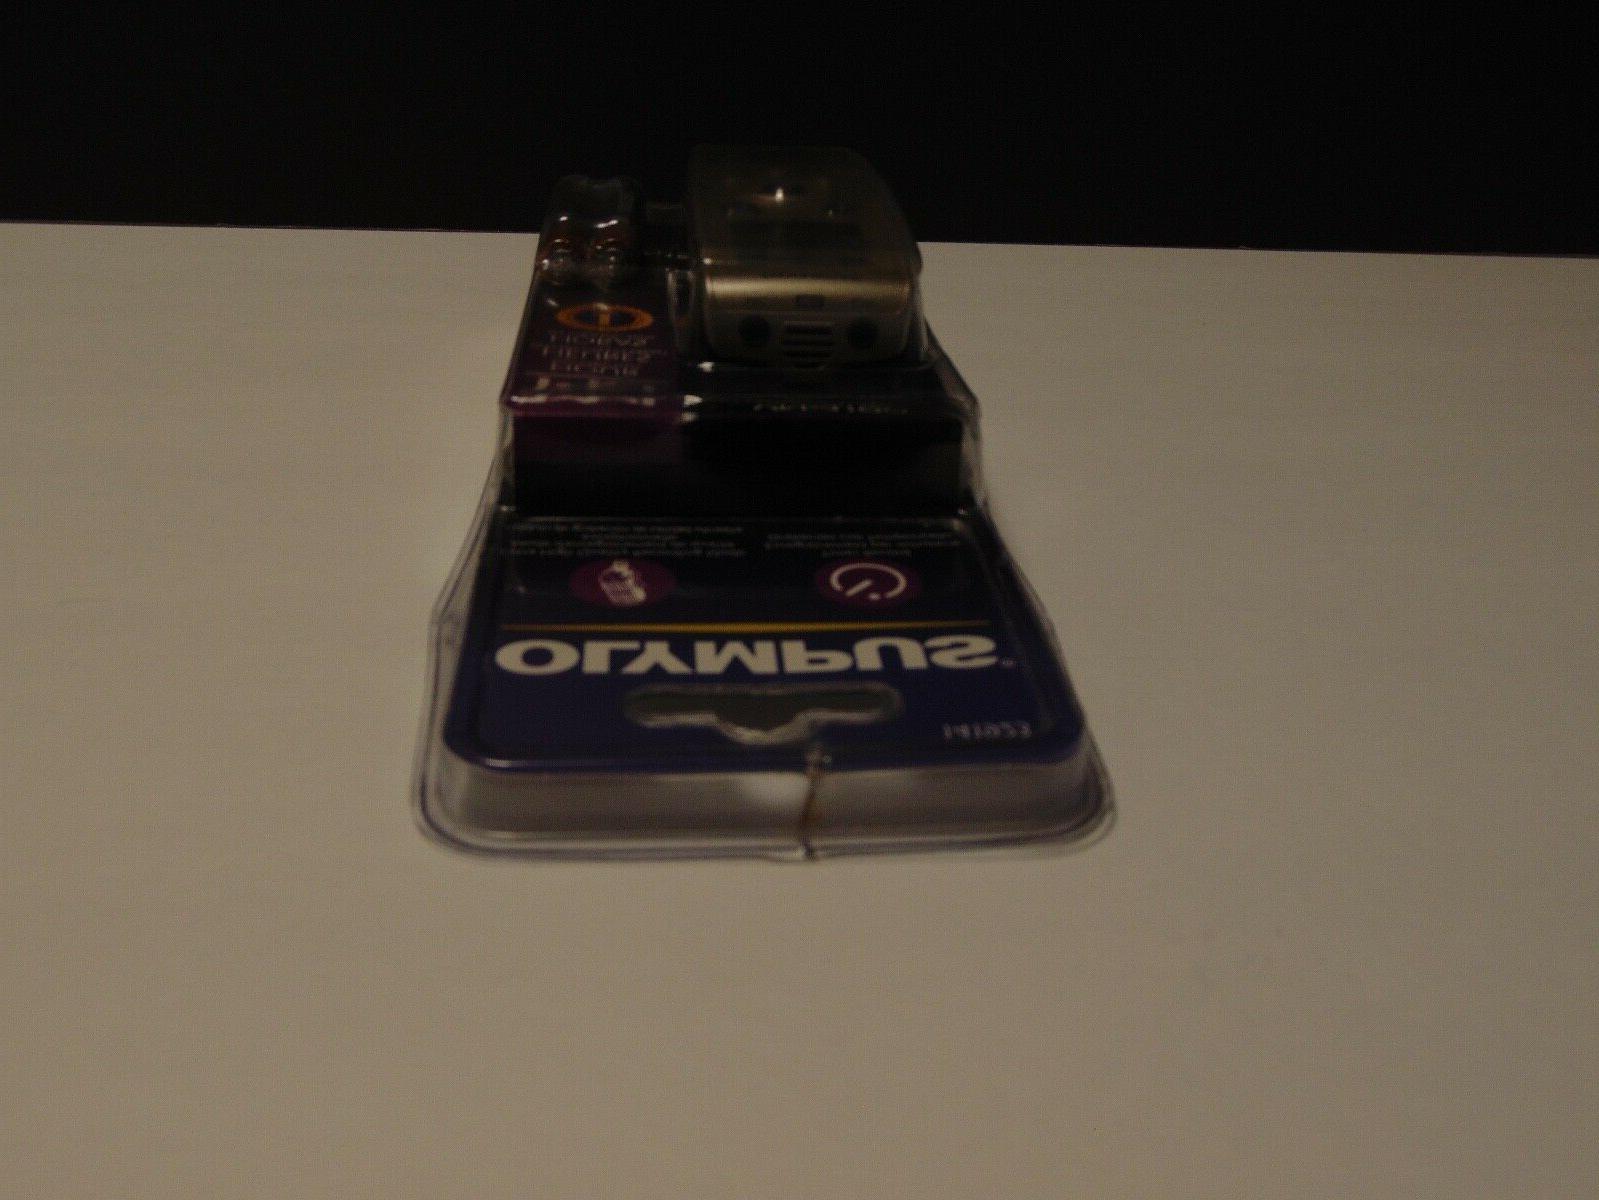 Digital Voice Olympus VN-4100 playbk